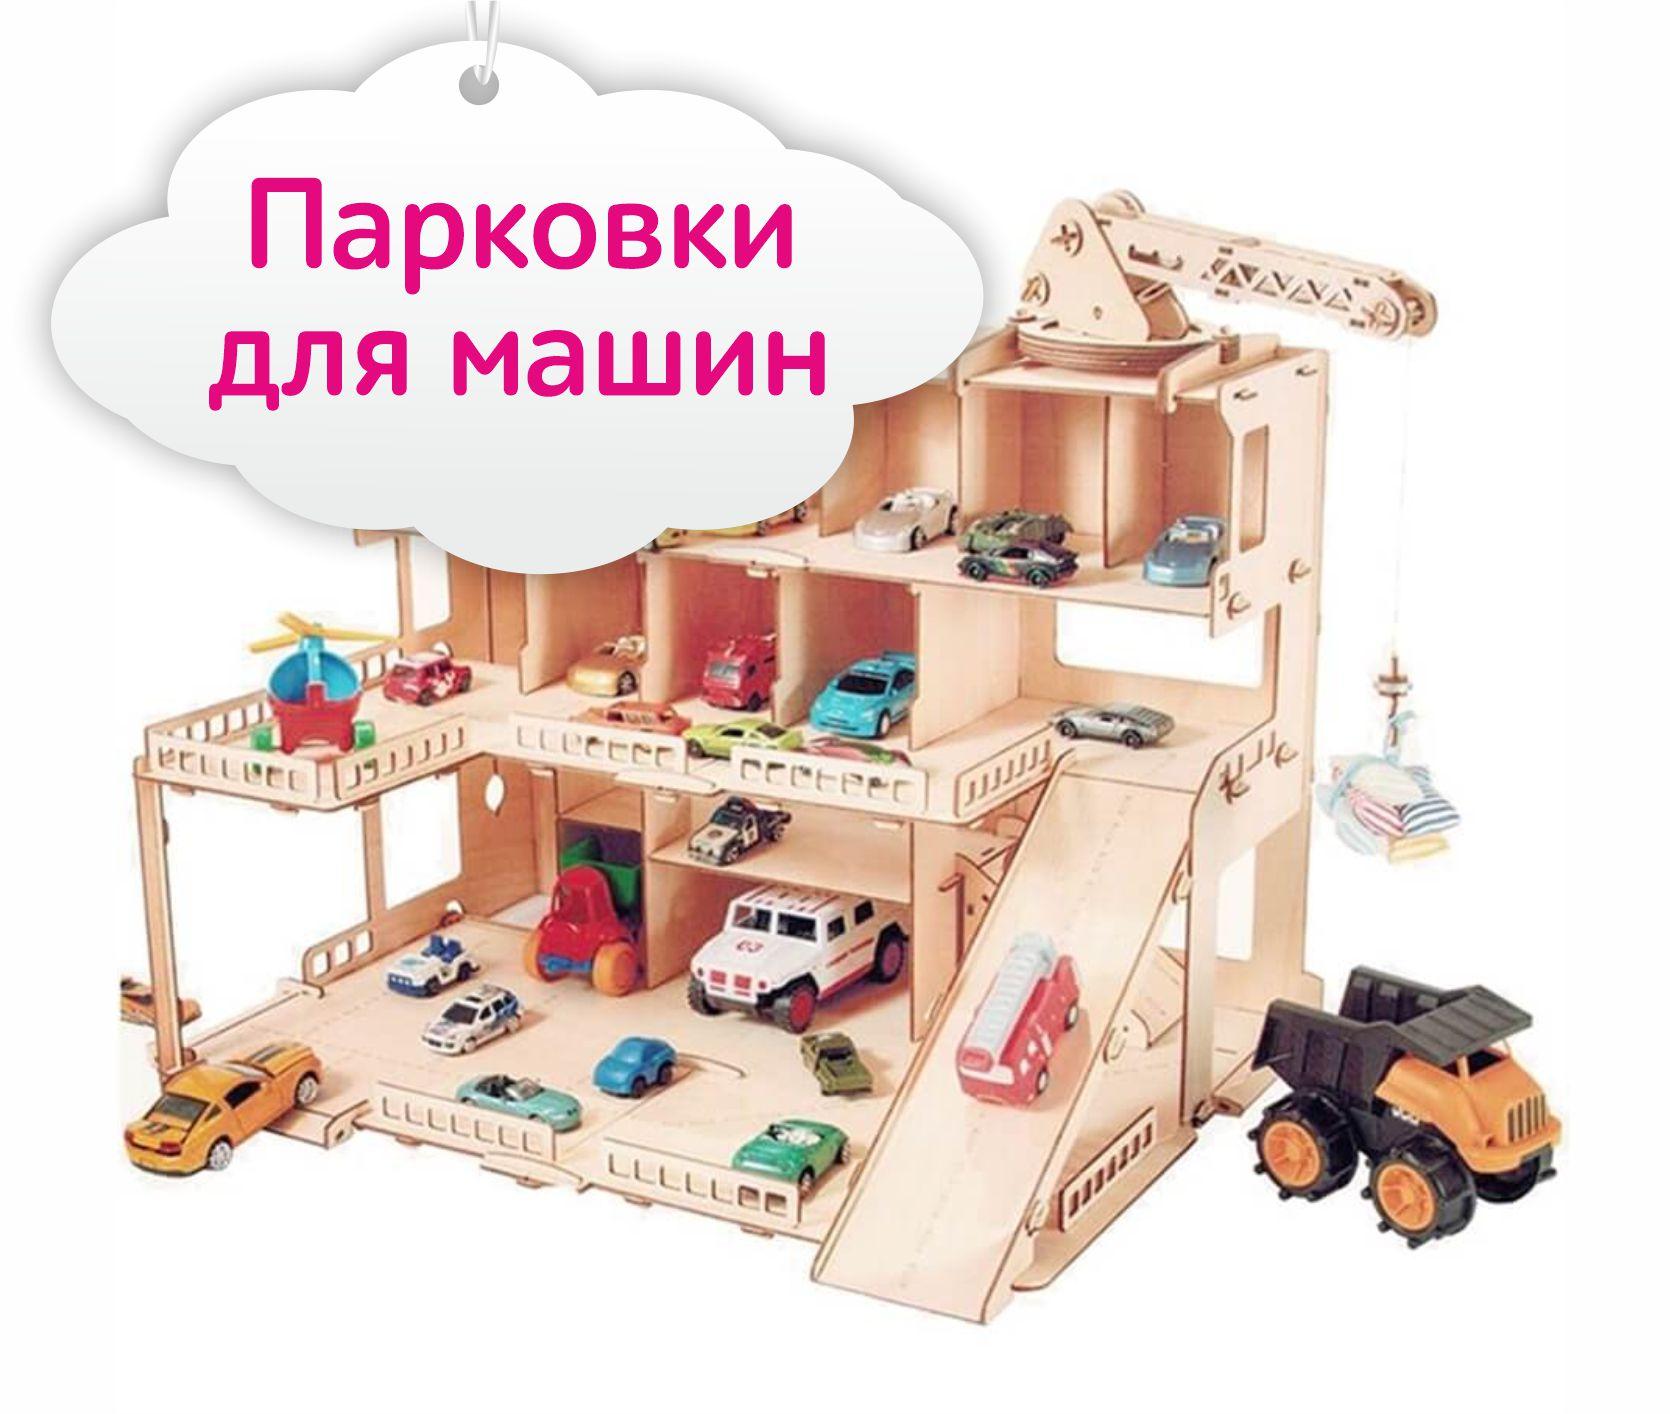 детский конструктор,  купить детский конструктор, лего купить